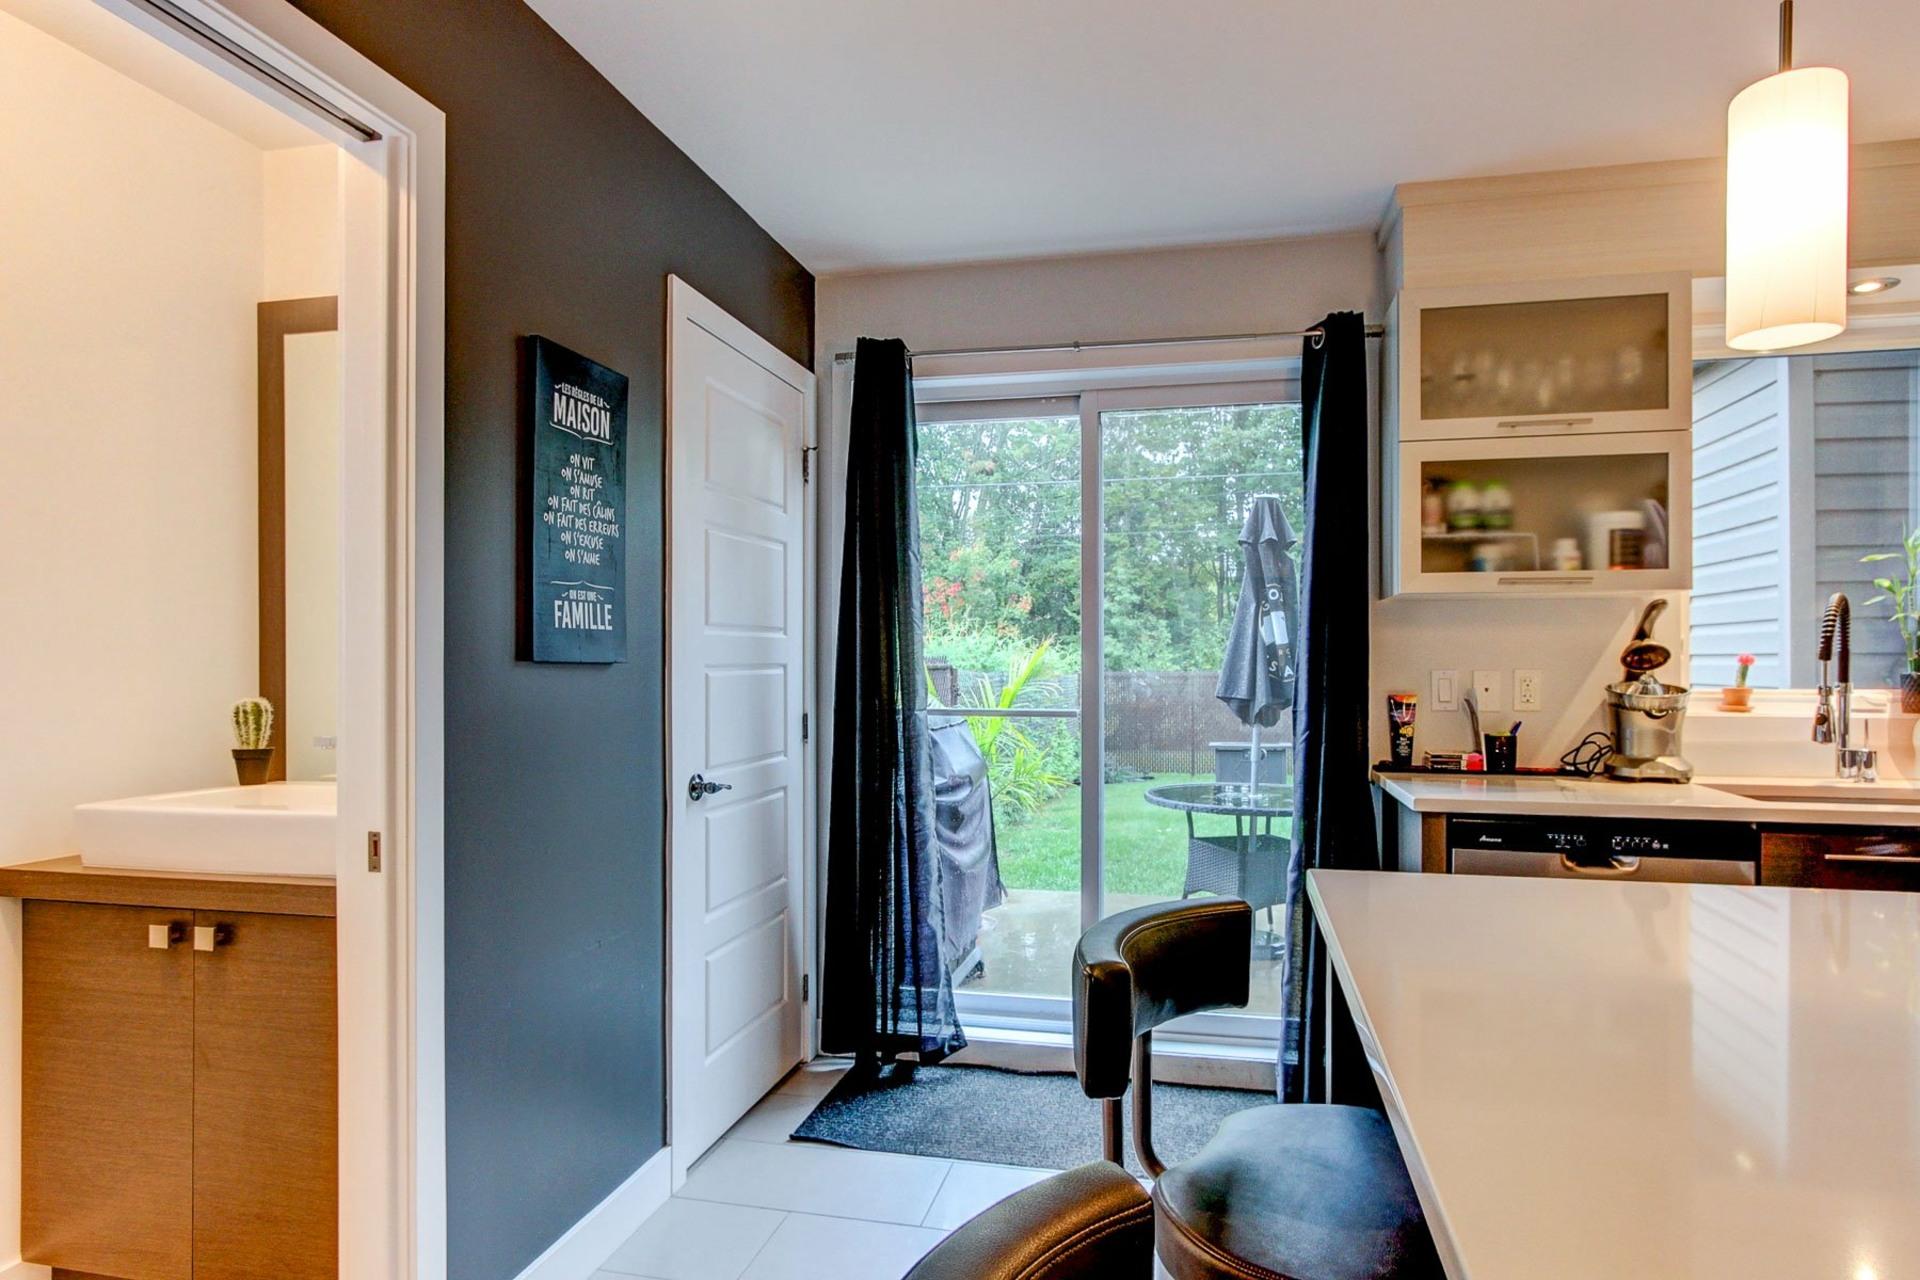 image 6 - Appartement À vendre Trois-Rivières - 7 pièces